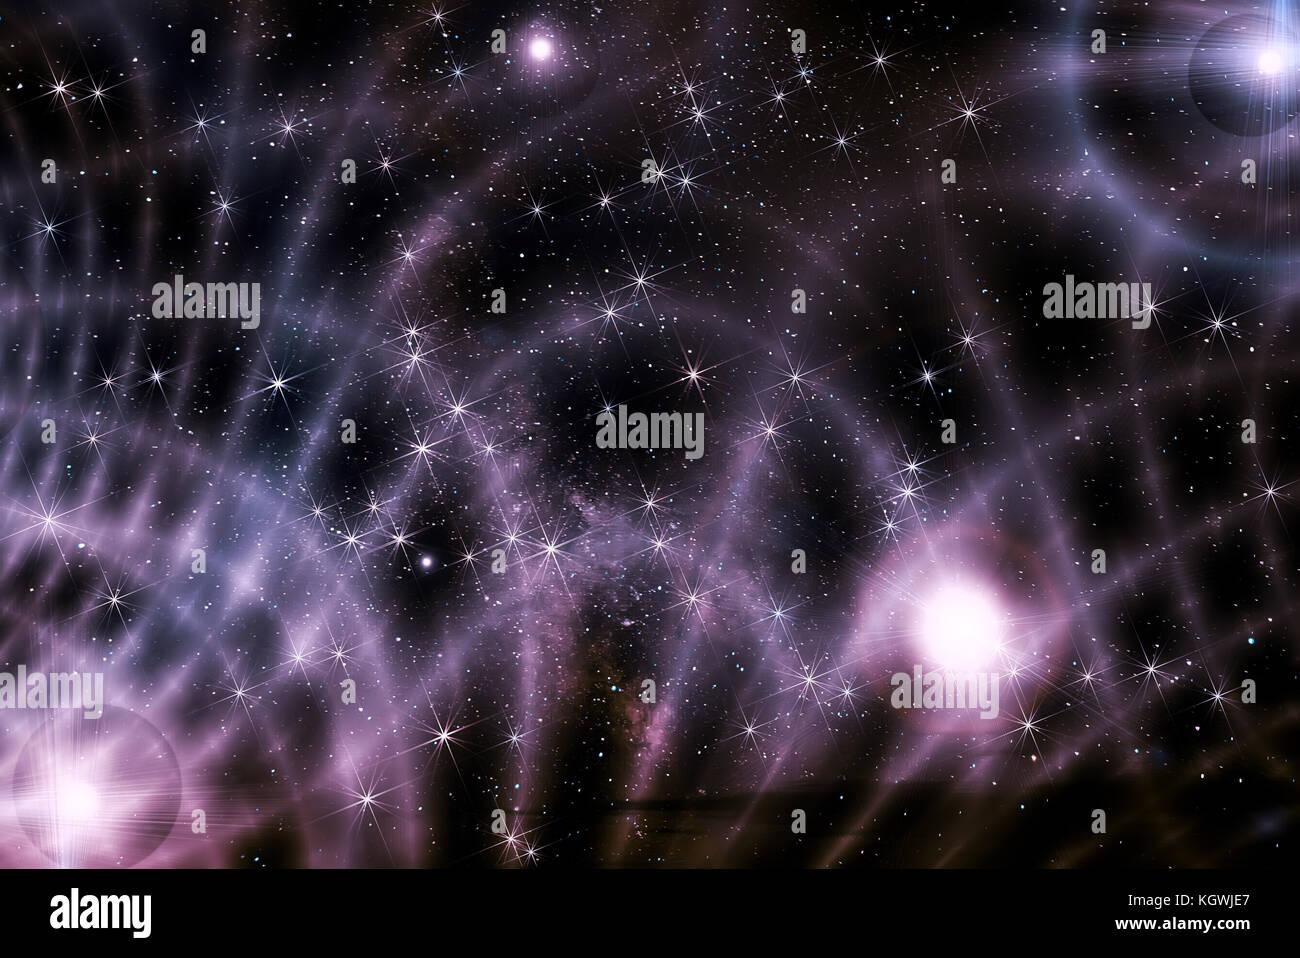 Bunte abstrakt Hintergrund von Deep Space mit Sternen, Nebeln und Star Dust in Schwarz und Lila Farben Stockbild